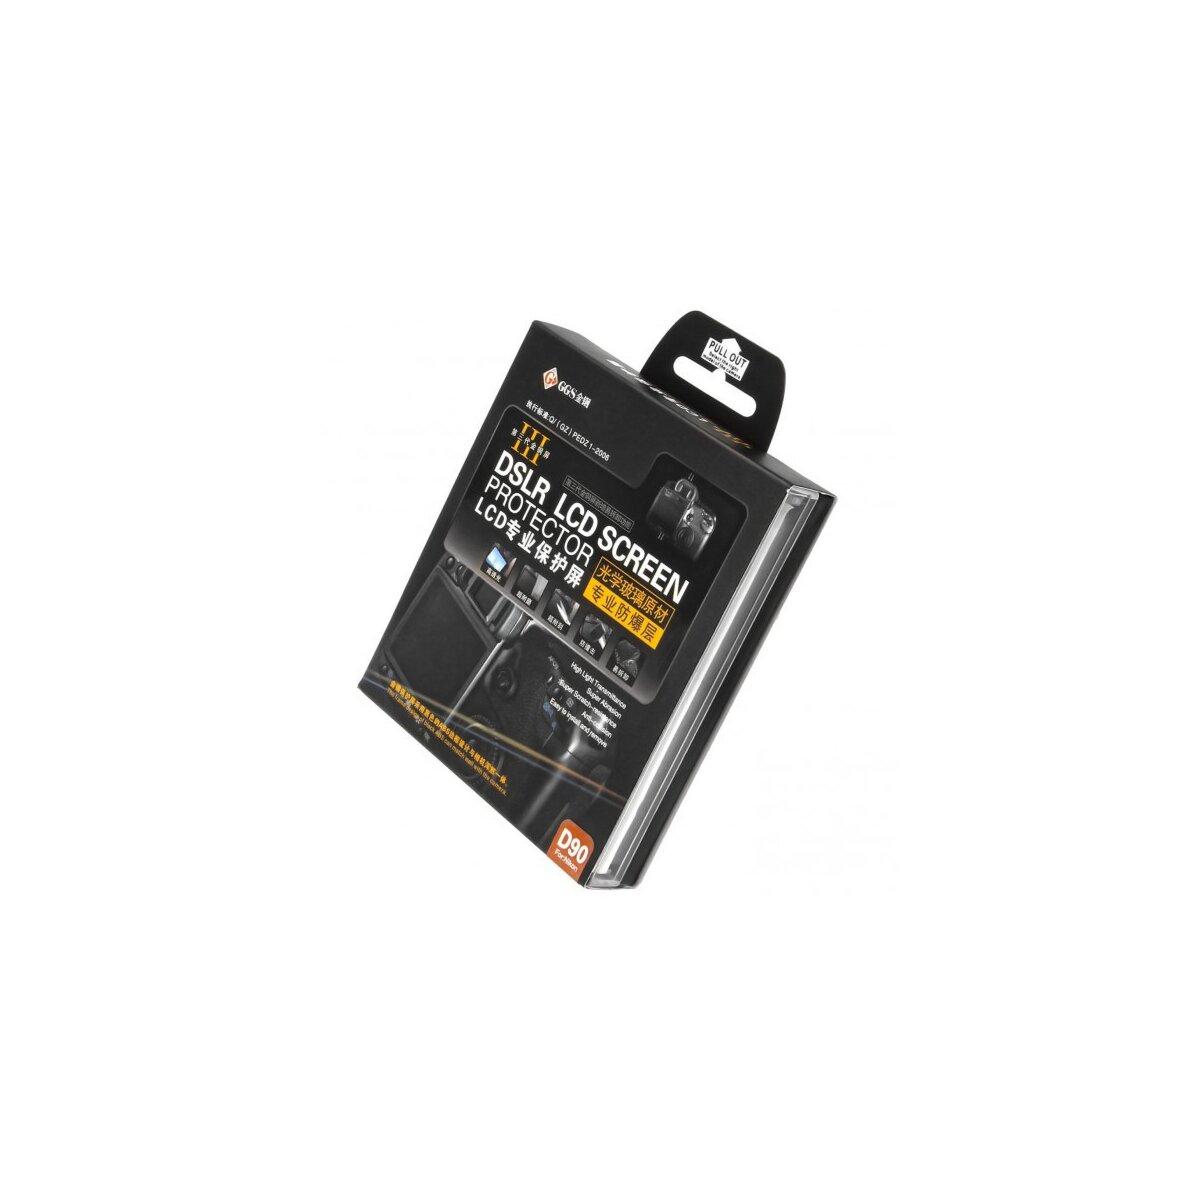 Displayschutz Monitorschutz Protector III kompatibel mit Nikon D90 - Original GGS